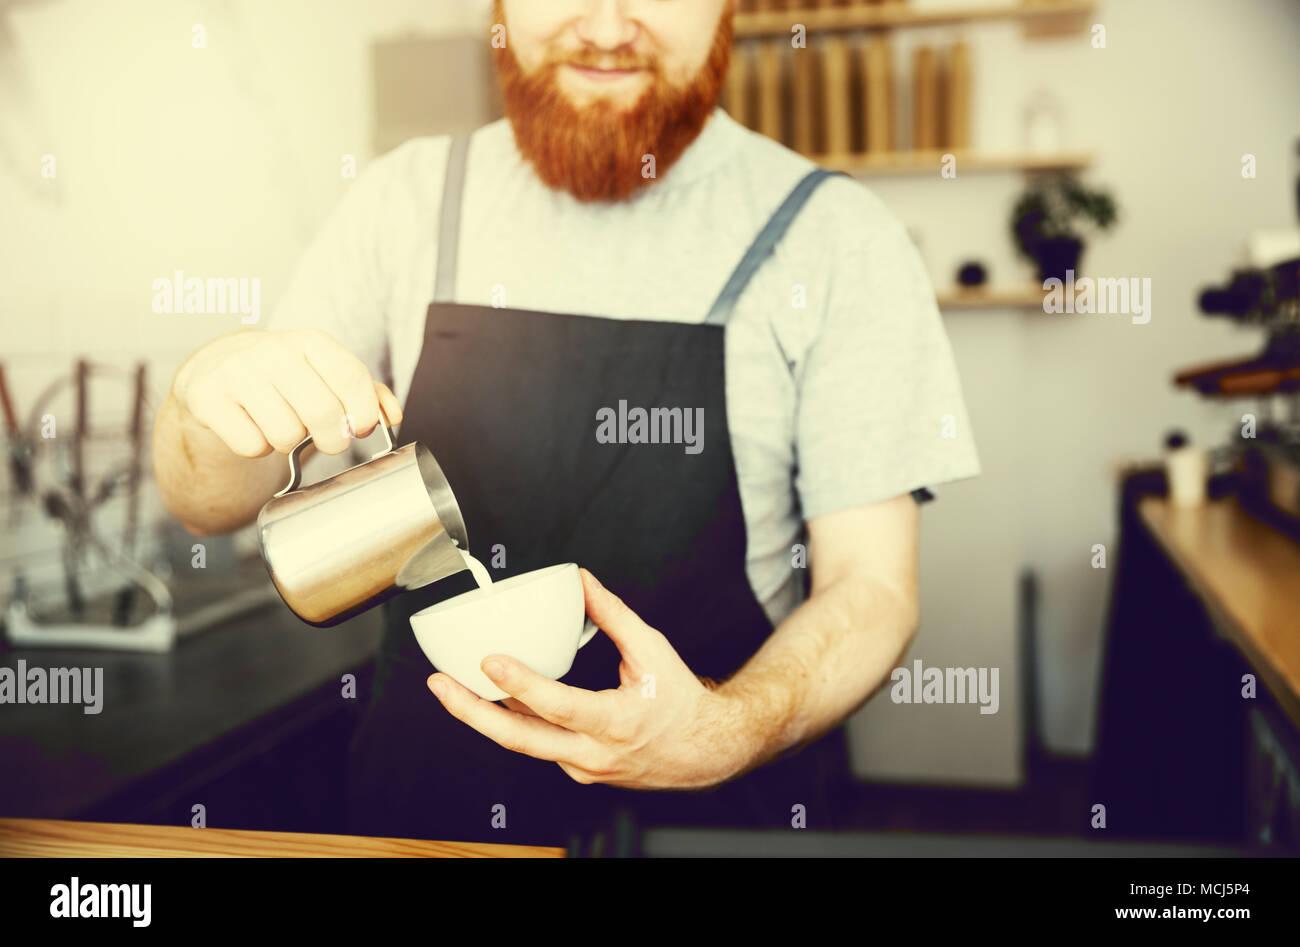 Kaffee Business Konzept - gut aussehender bärtiger Mann im Vorfeld Kaffee im Stehen im Cafe Stockfoto